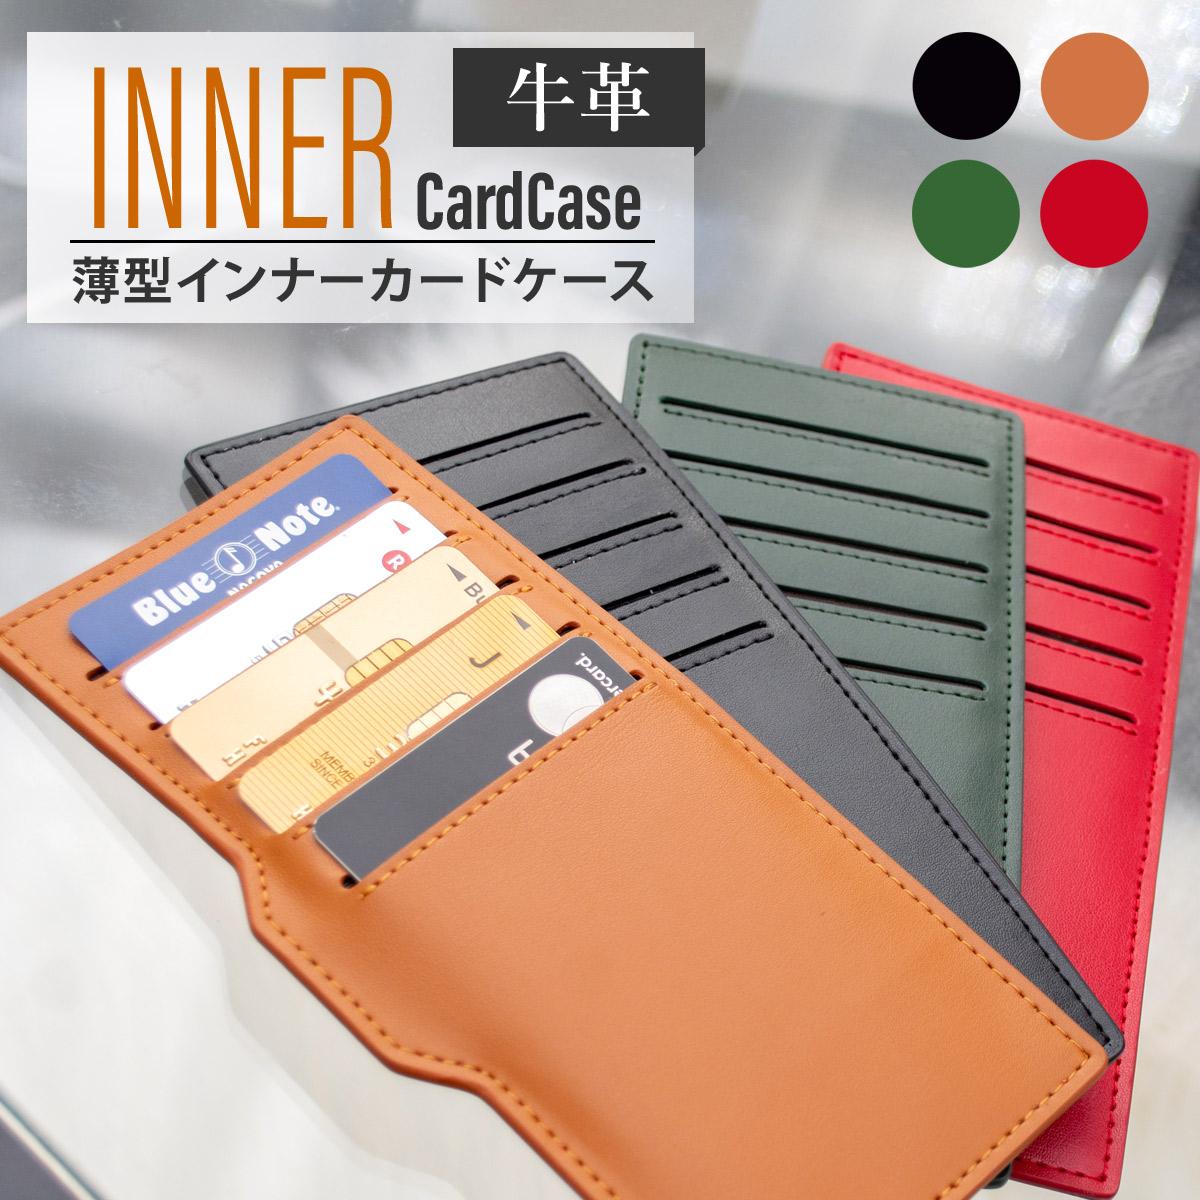 インナーカードケース